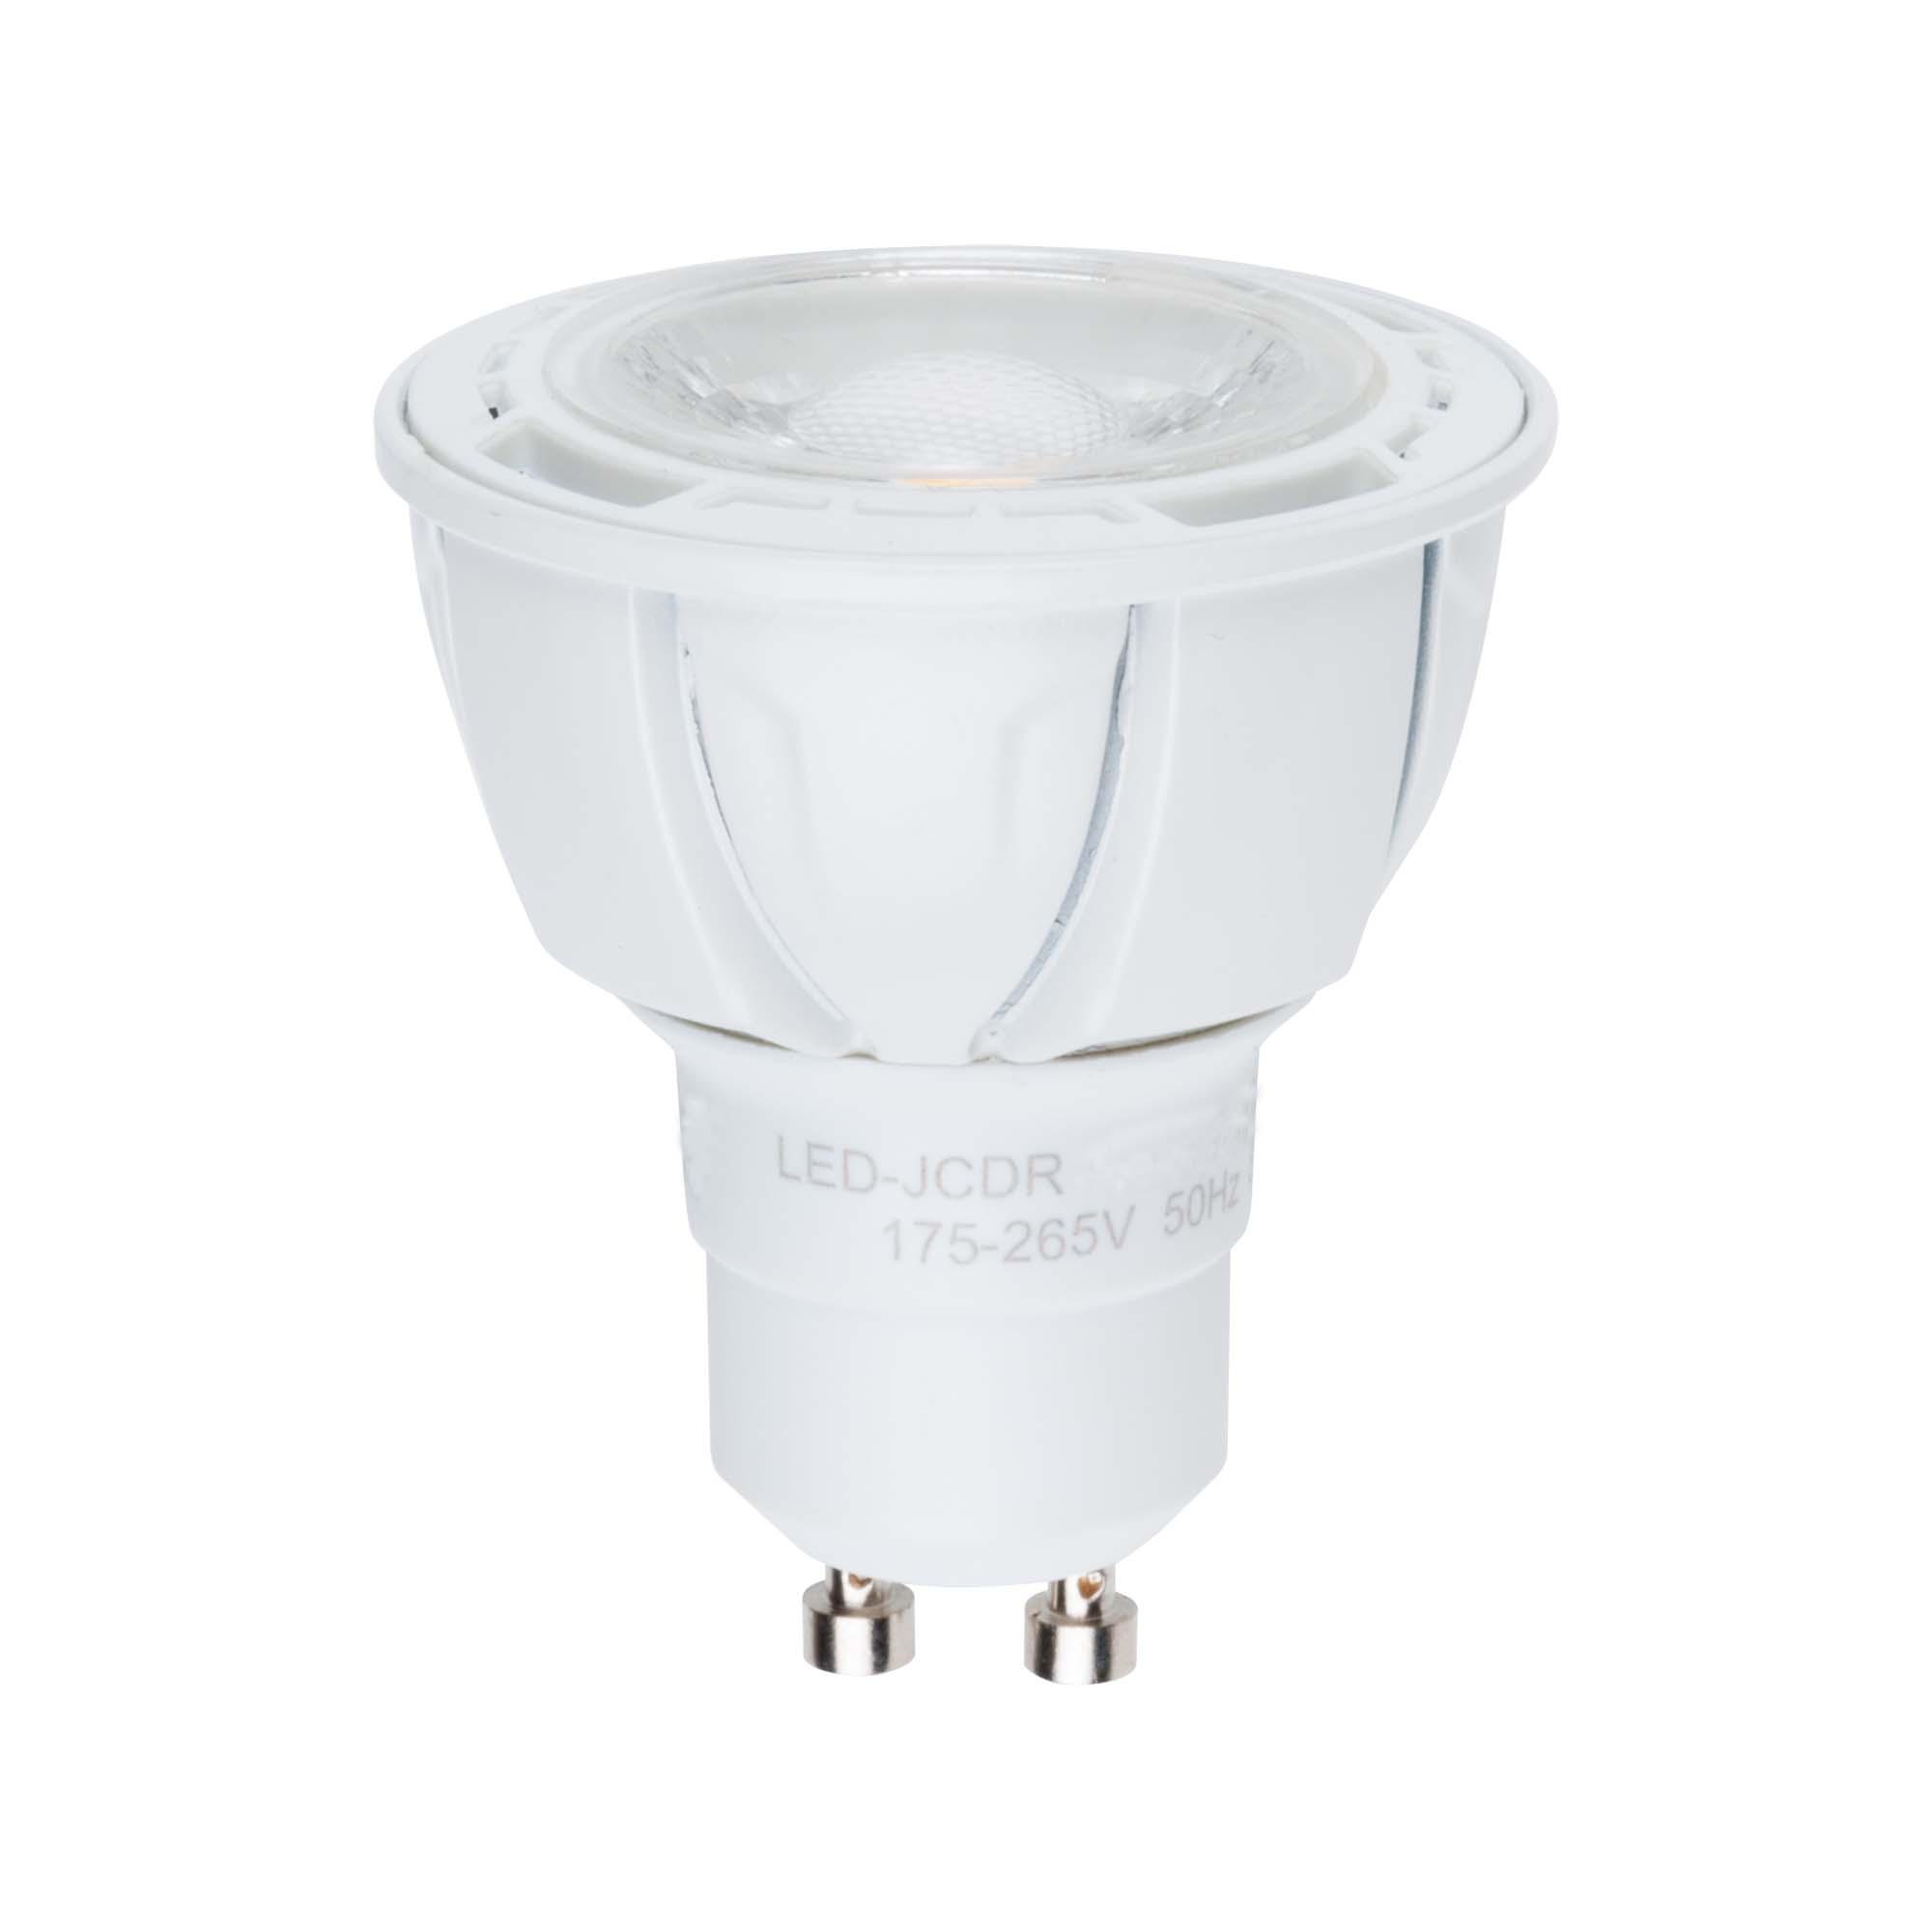 Лампа светодиодная Volpe Led-jcdr-5w/ww/gu10/s 25шт goodeck лампа светодиодная goodeck рефлекторная матовая gu10 5 5w 4100k gl1007024206